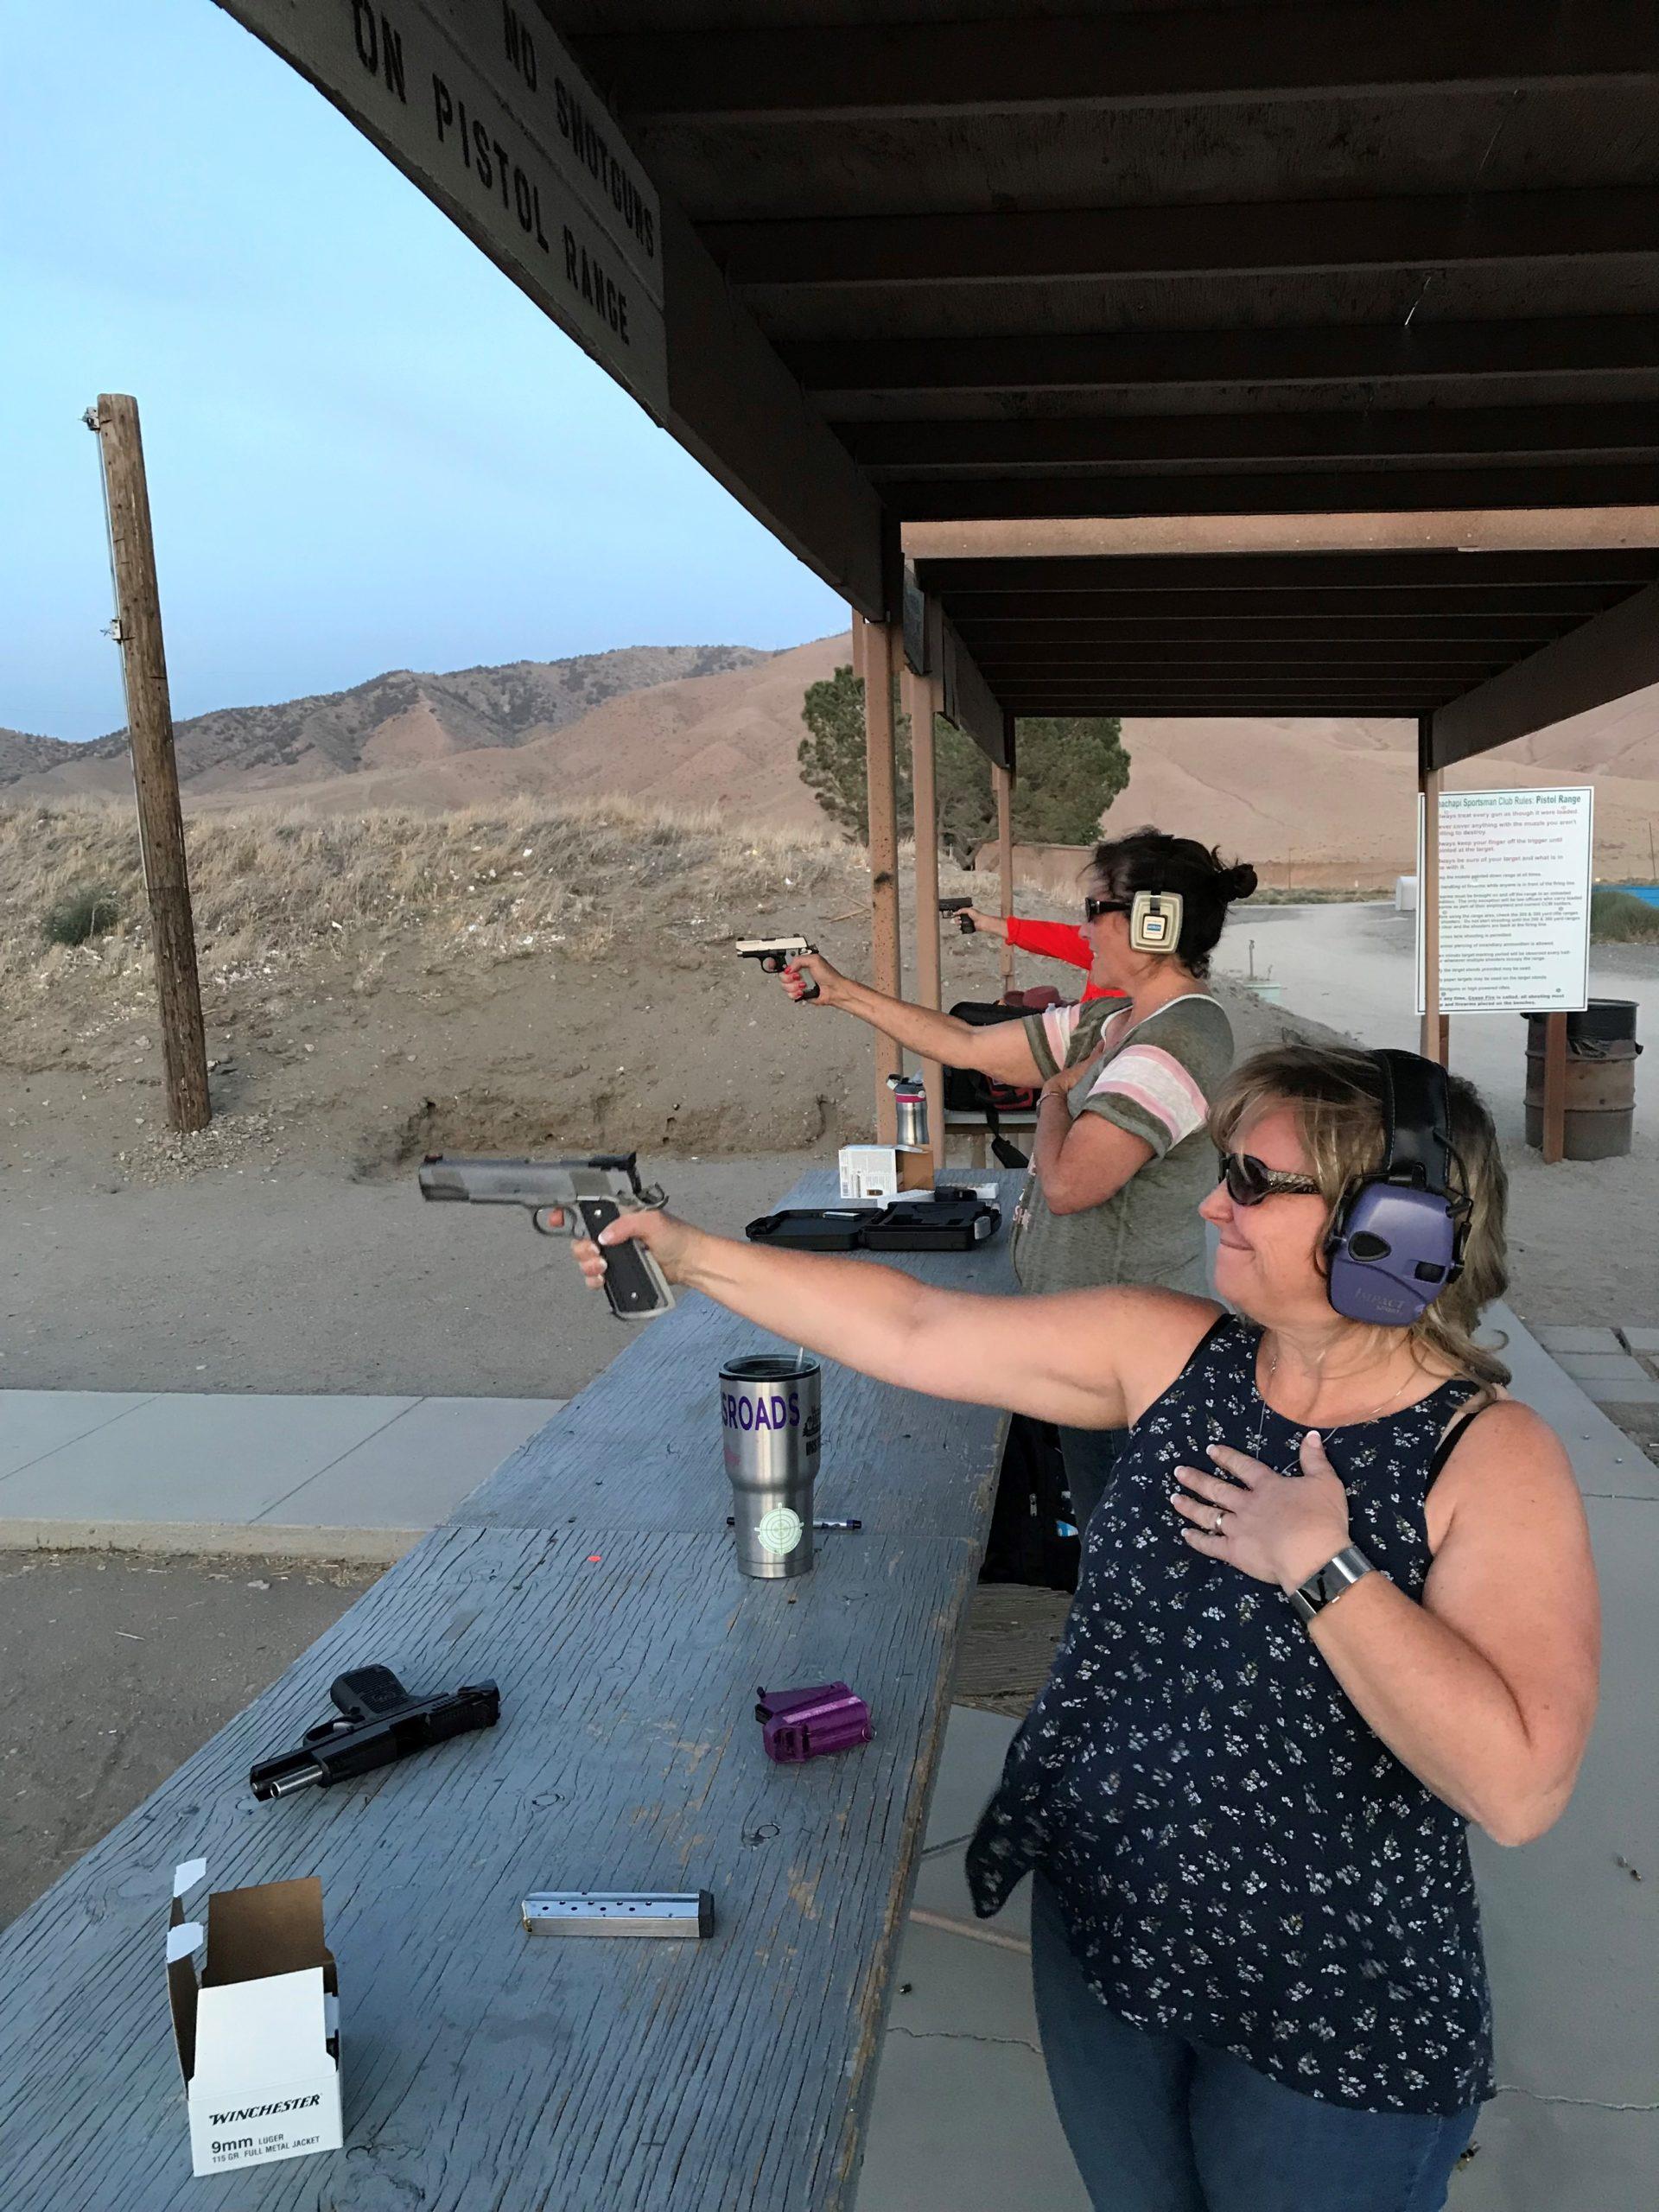 Ladies Shooting Handguns